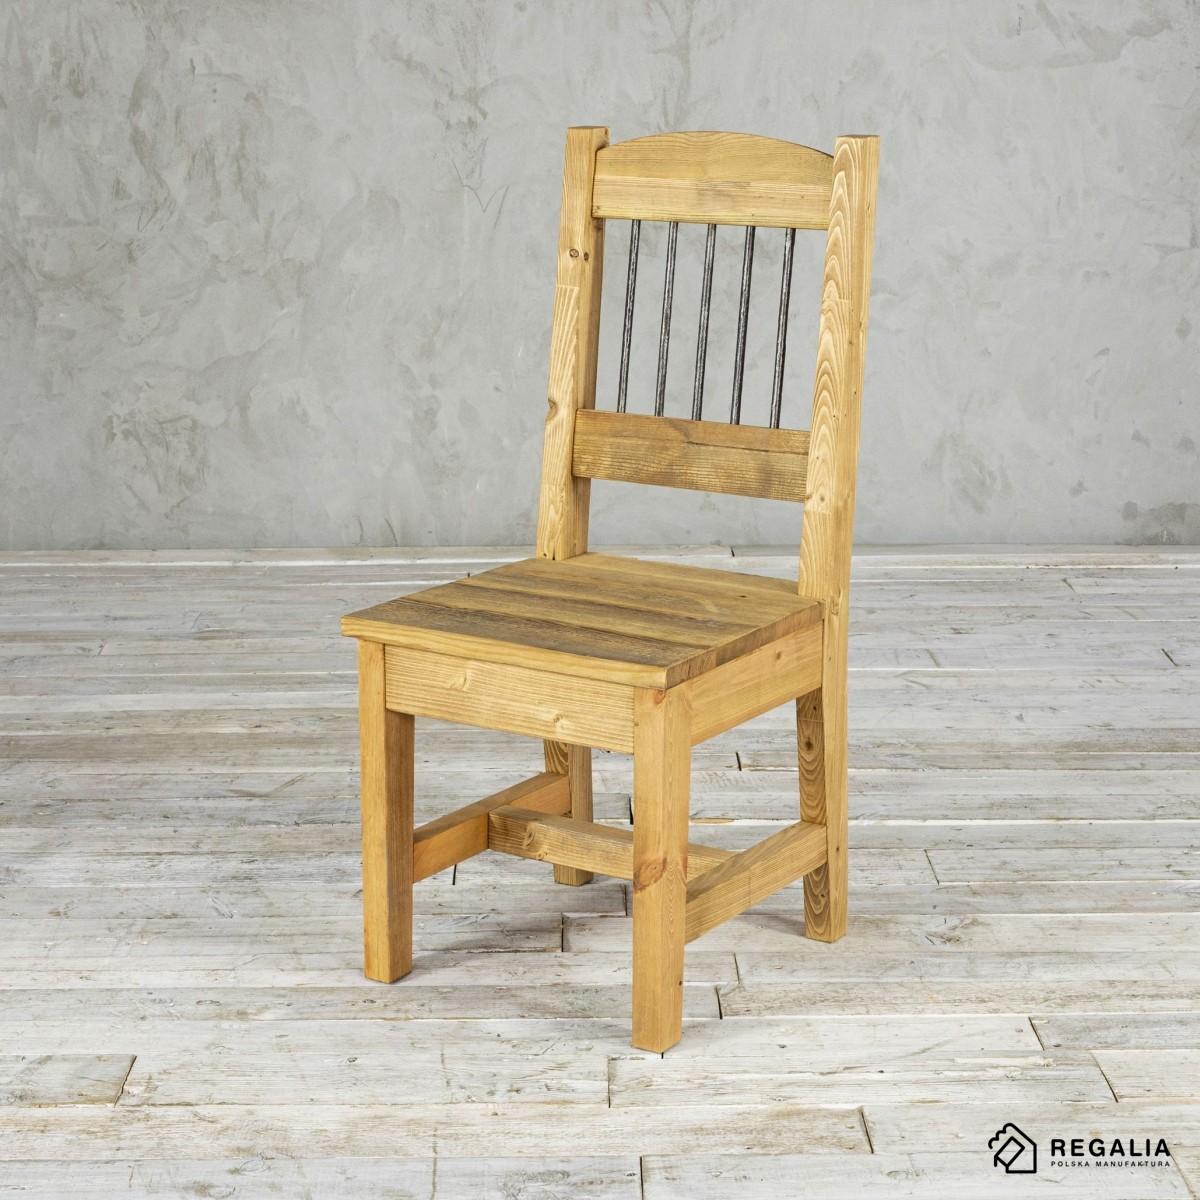 Krzesło ze starego drewna NO.404 - stara powierszchnia